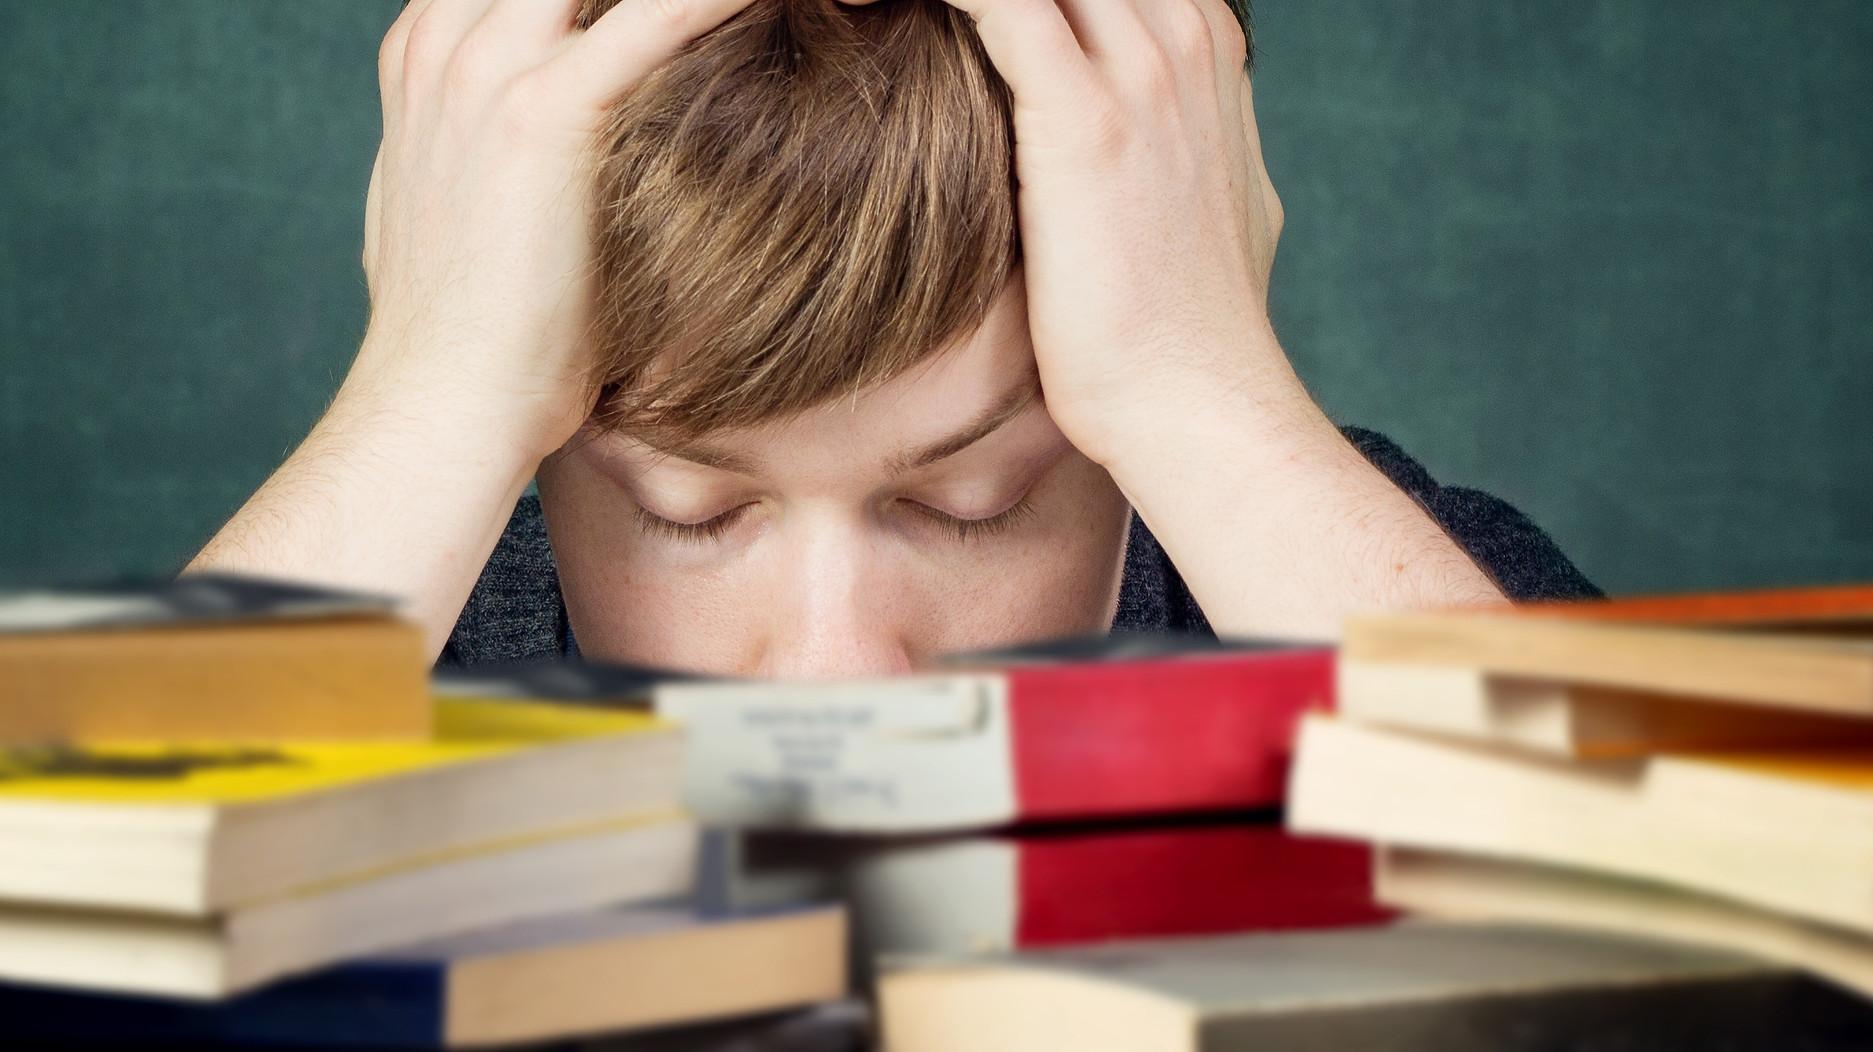 En finir acec le stress des examens